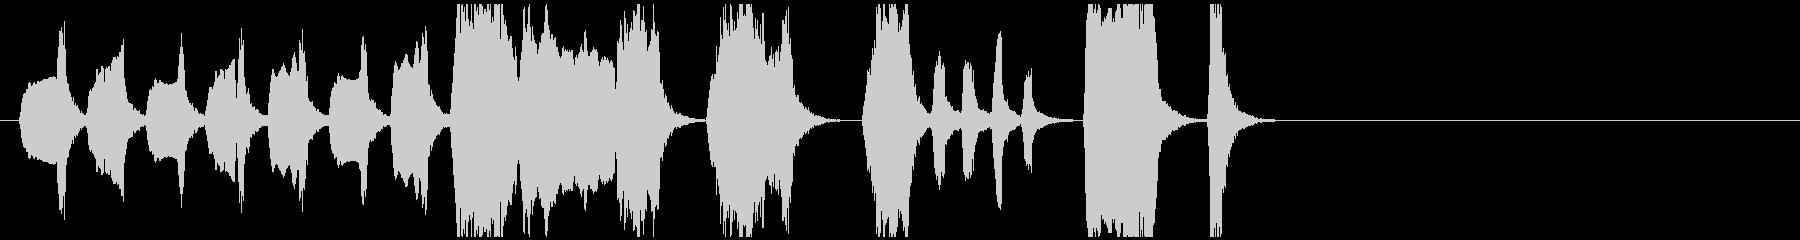 軽快で楽しいおどけたアコーディオンの未再生の波形